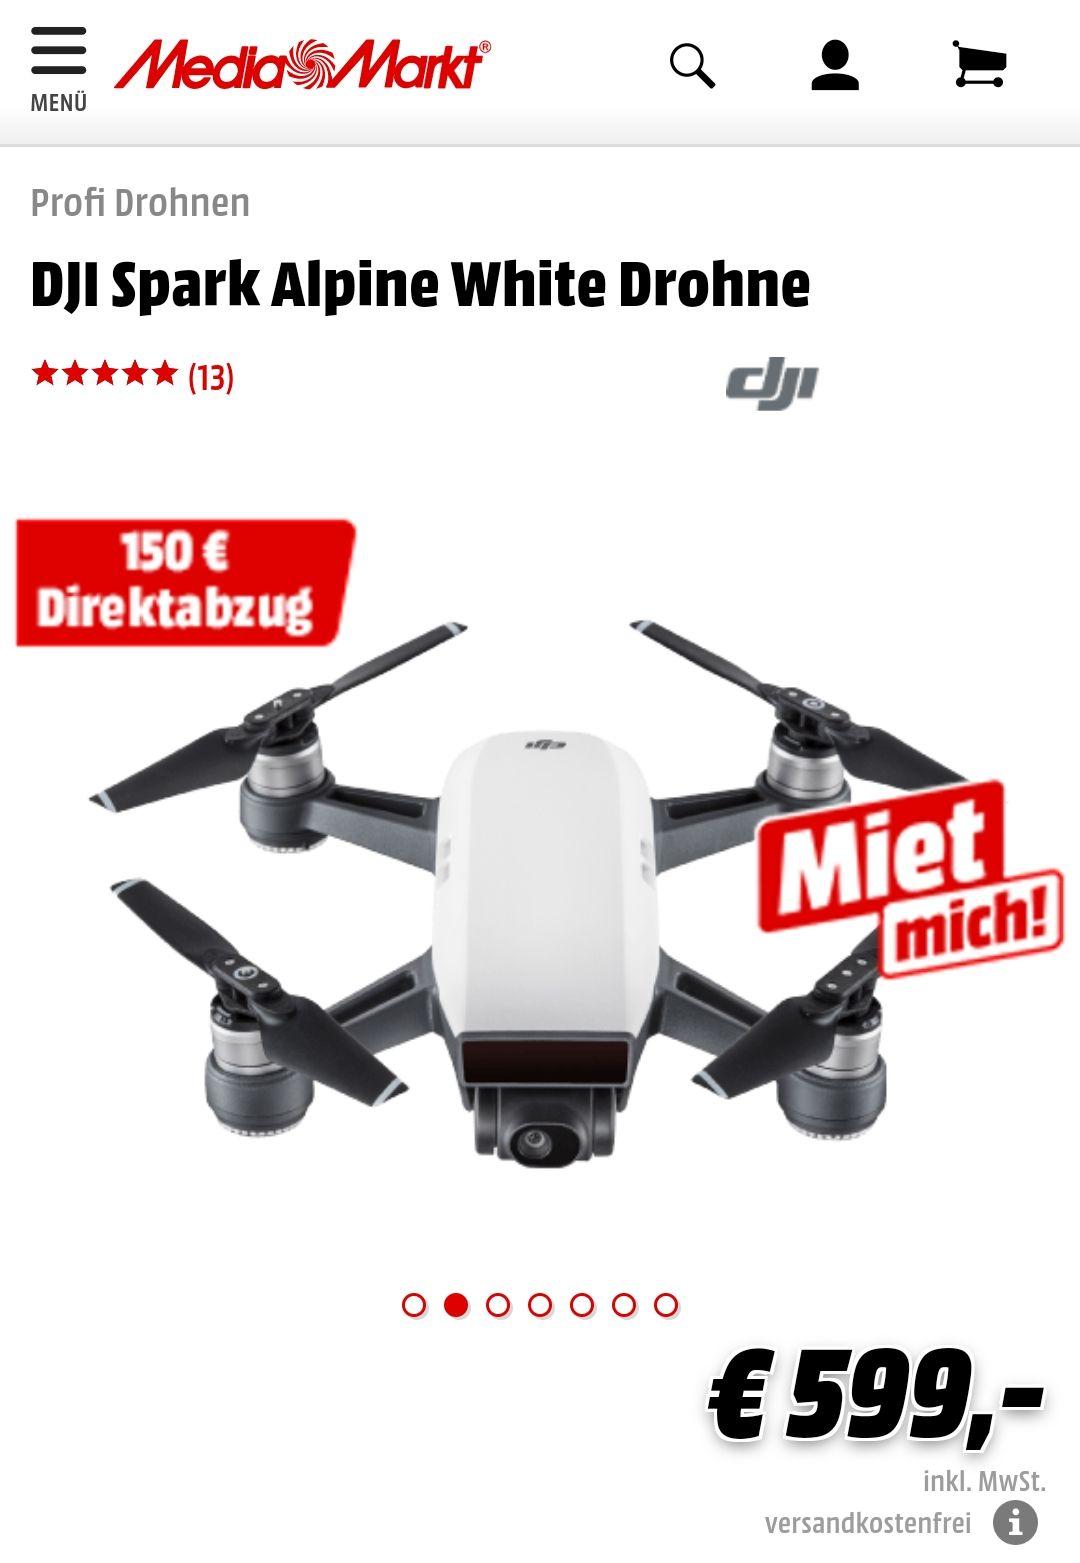 DJI Spark bei Media Markt mit 150€ Sofortrabatt - sehr kleine Drohne mit Smartphonesteuerung und optionaler Fernbedienung (+ mehr Reichweite)